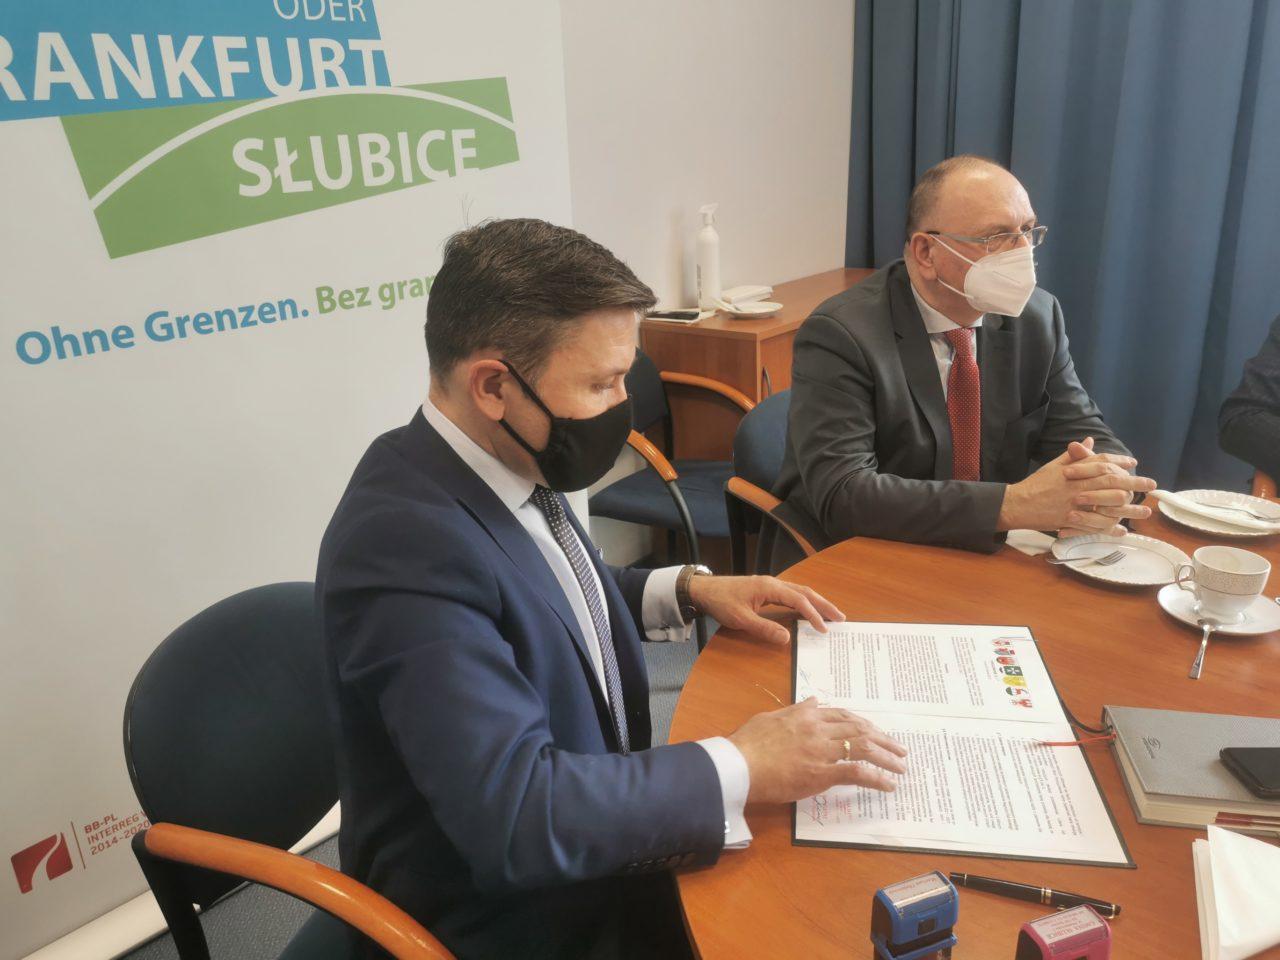 Porozumienie gmin podpisane! Słubice liderem grupy